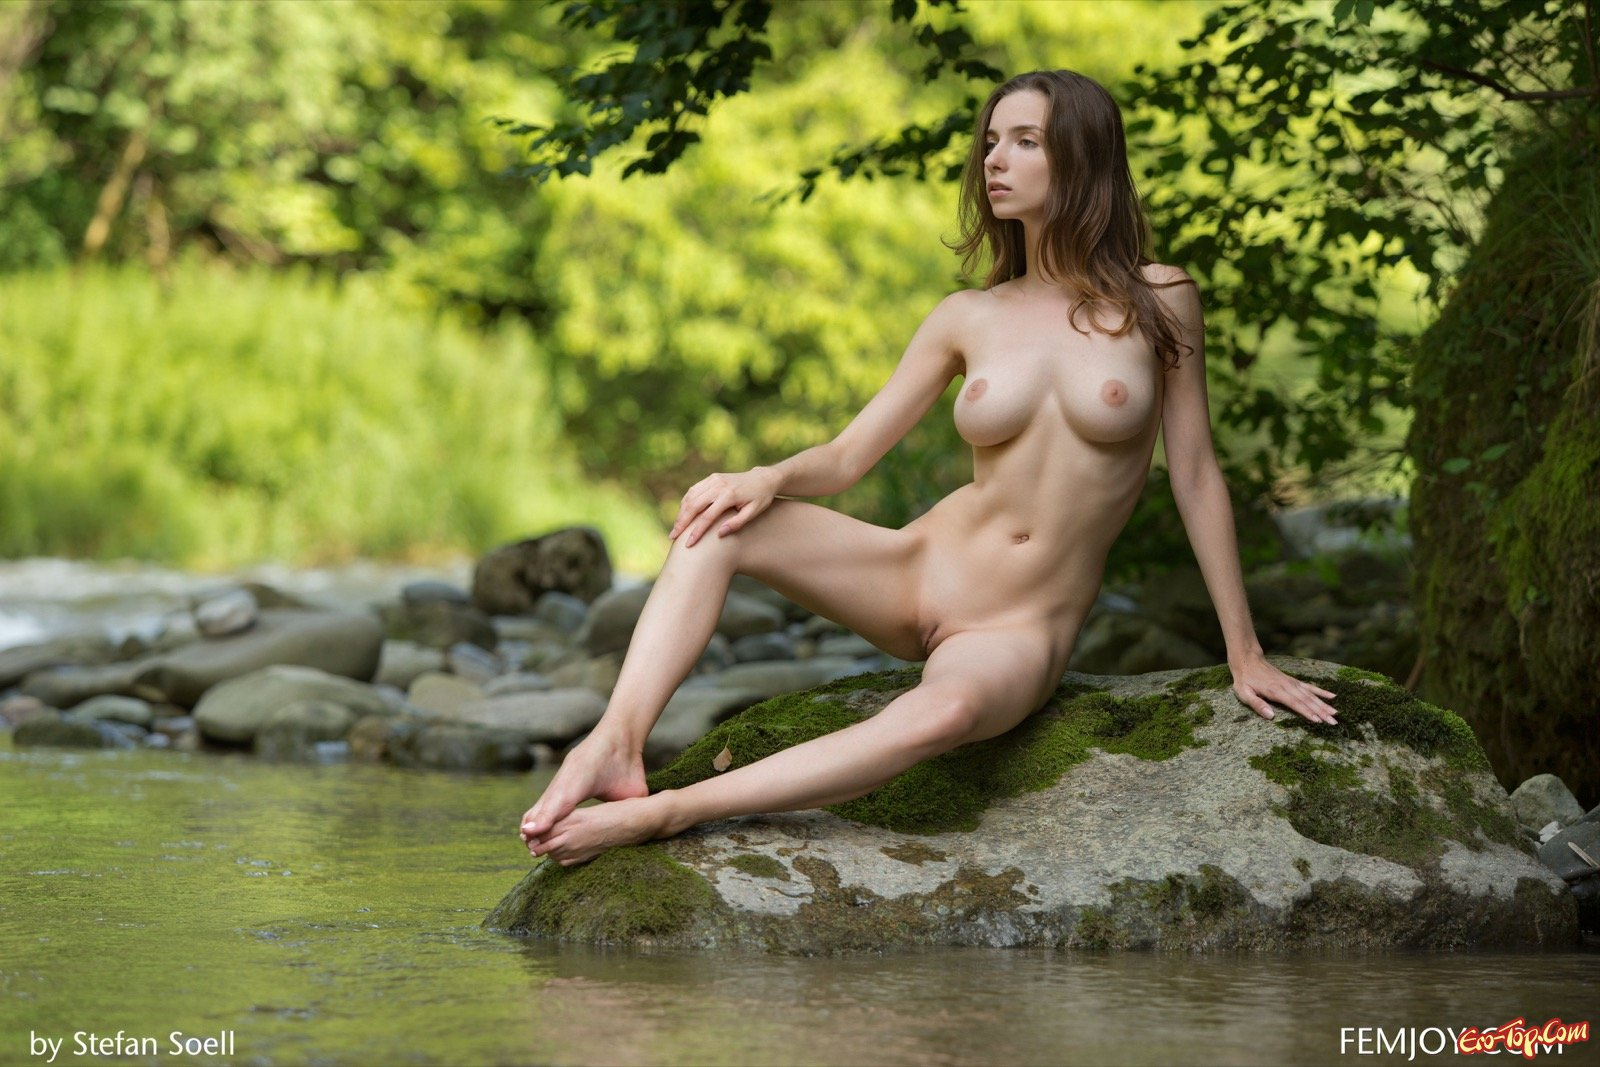 Голая барышня с красивой грудью на открытом воздухе